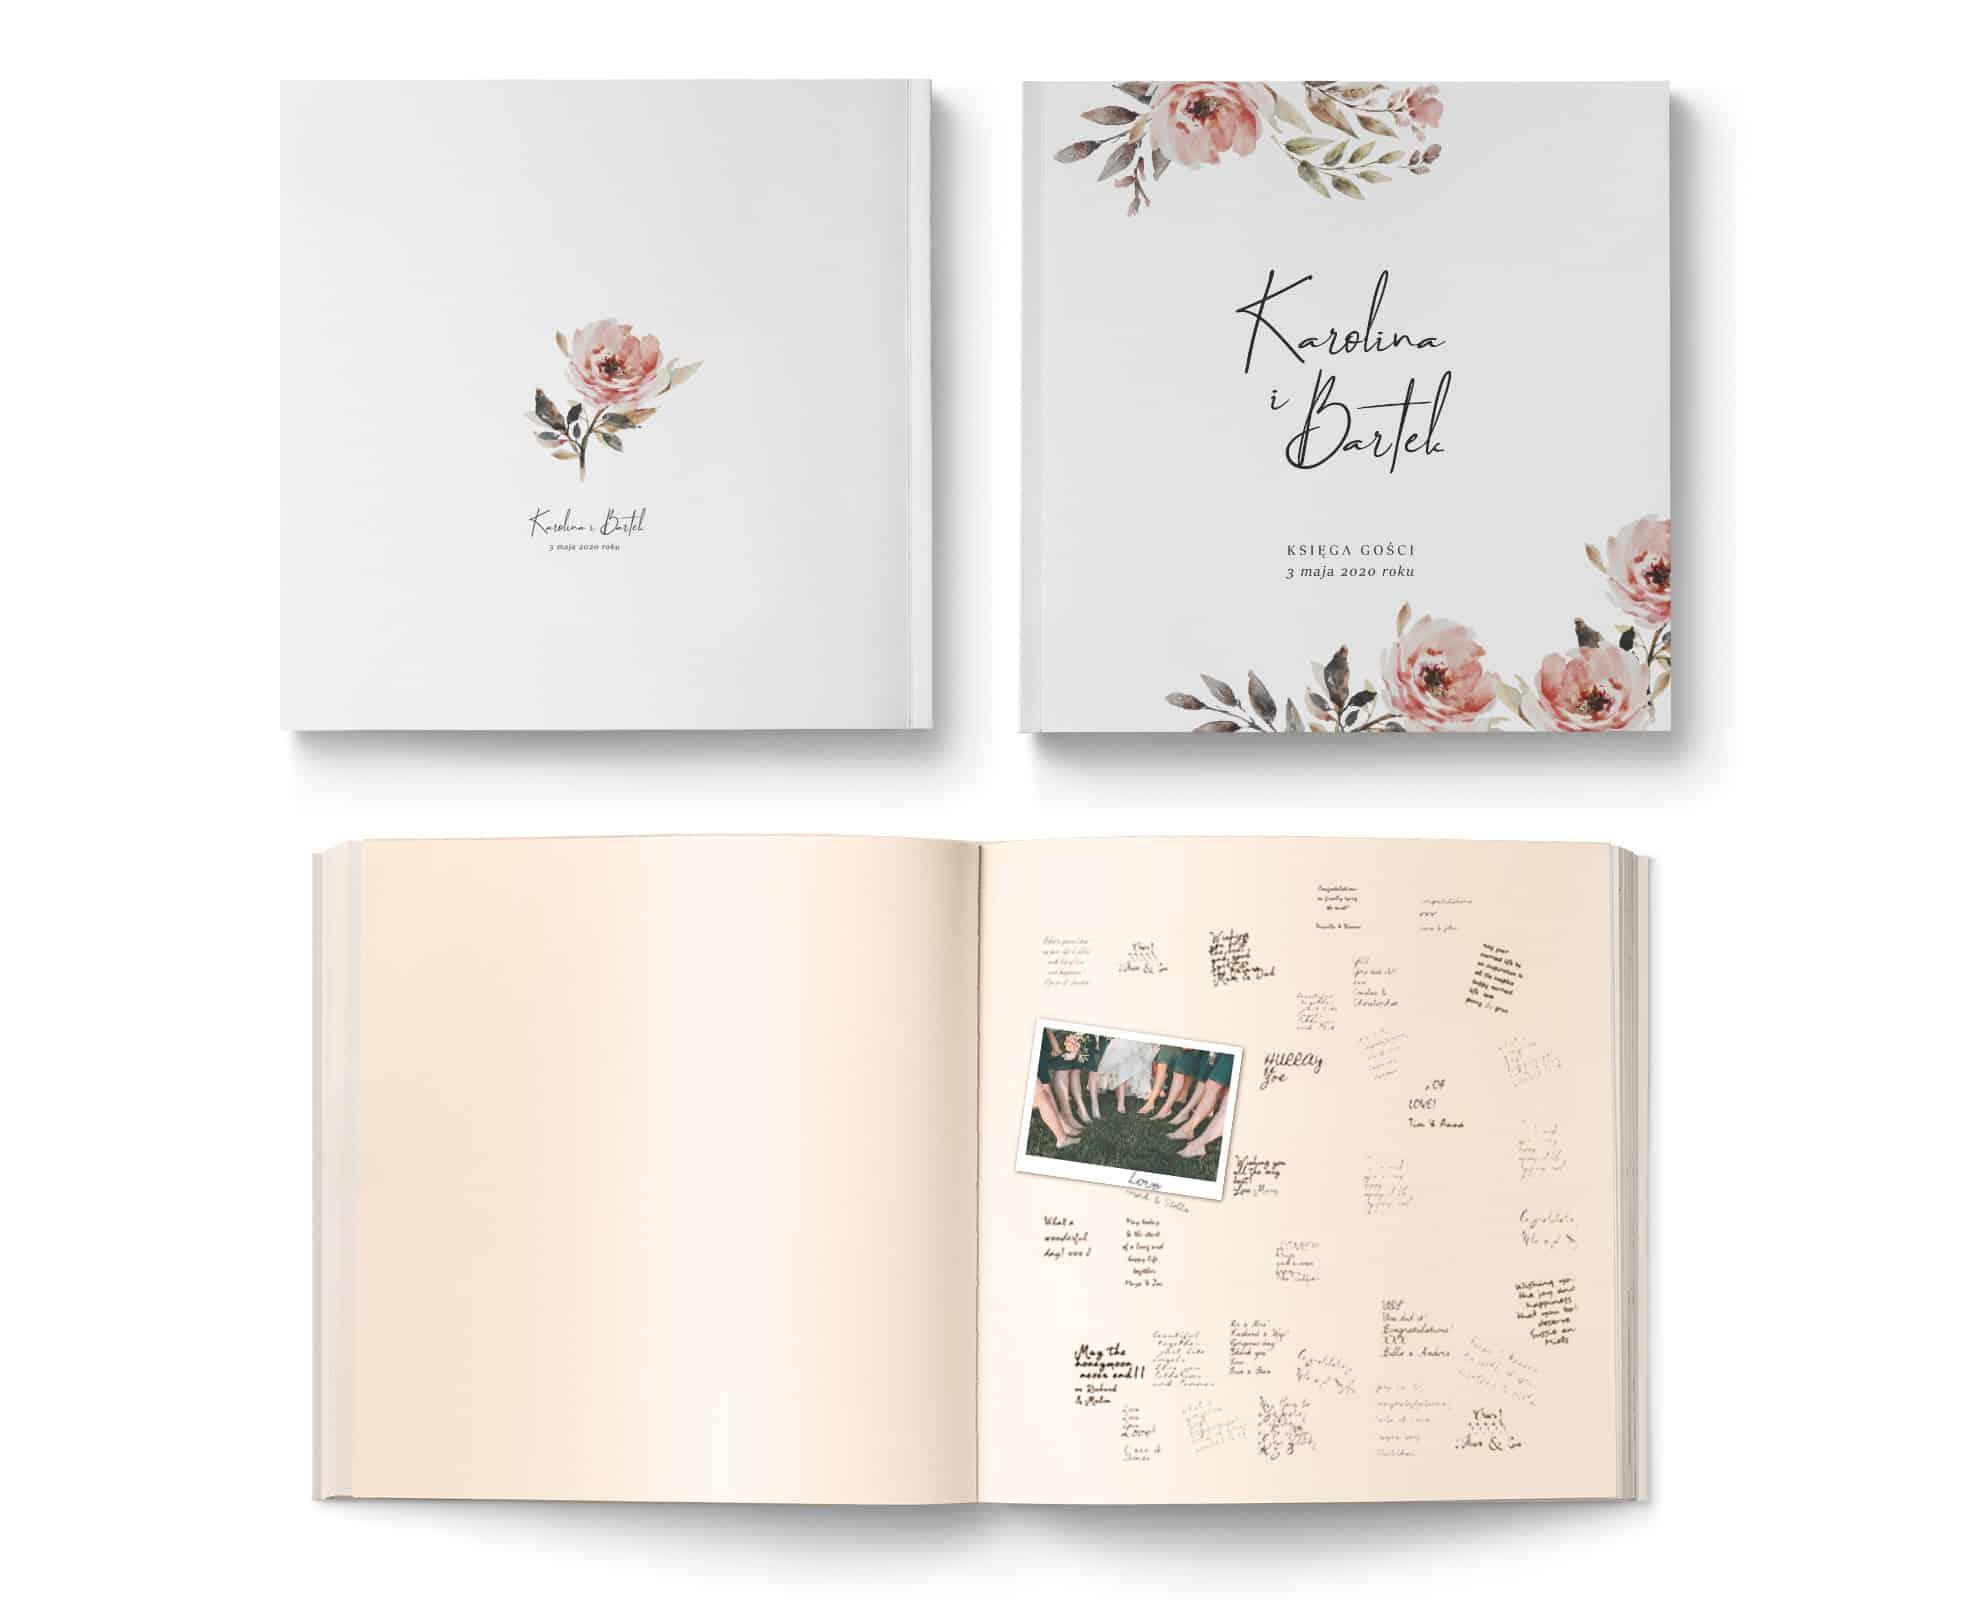 Księga gości na wesele z kompozycją pięknych blado różowych kwiatów i ozdobną czcionką